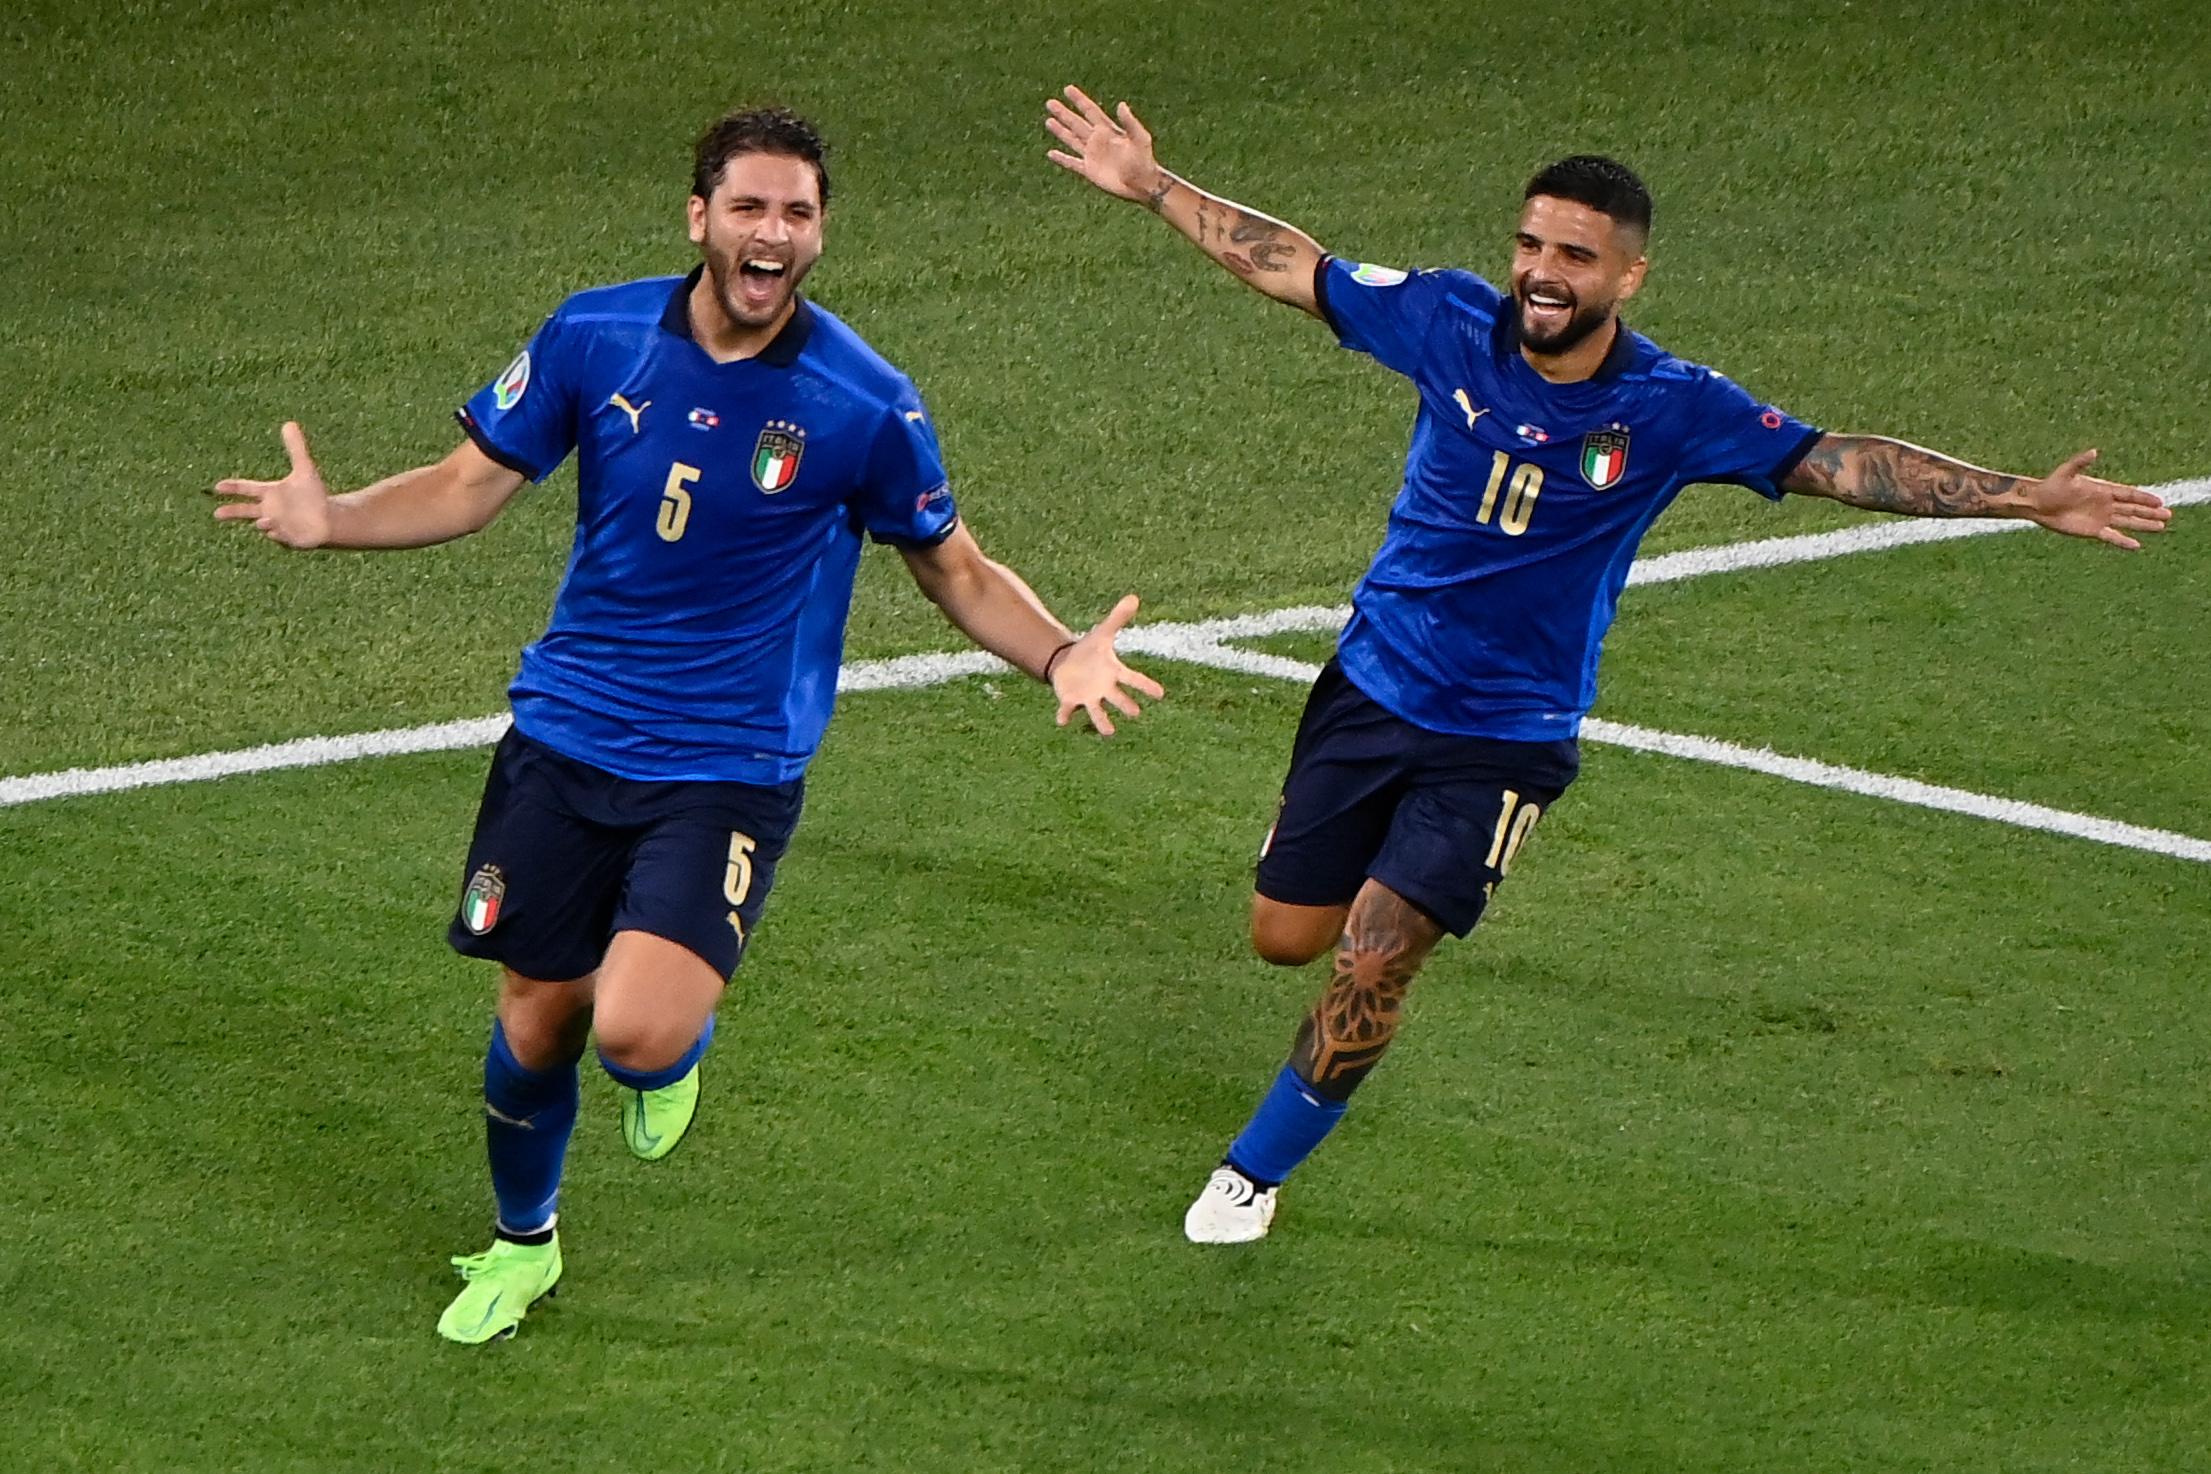 Olaszország az első továbbjutó az Európa-bajnokságon